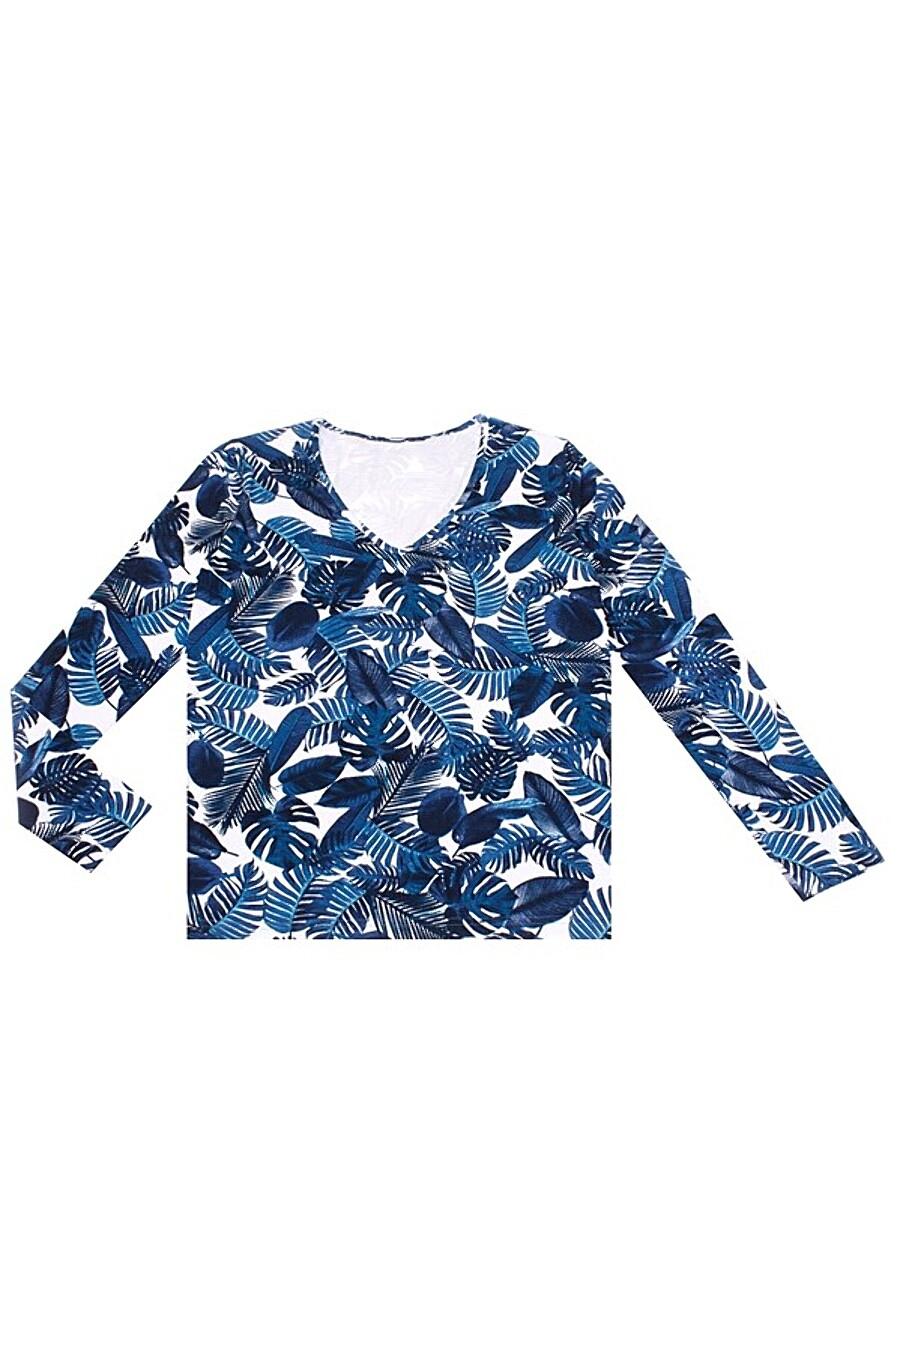 Лонгслив  для женщин АПРЕЛЬ 700645 купить оптом от производителя. Совместная покупка женской одежды в OptMoyo